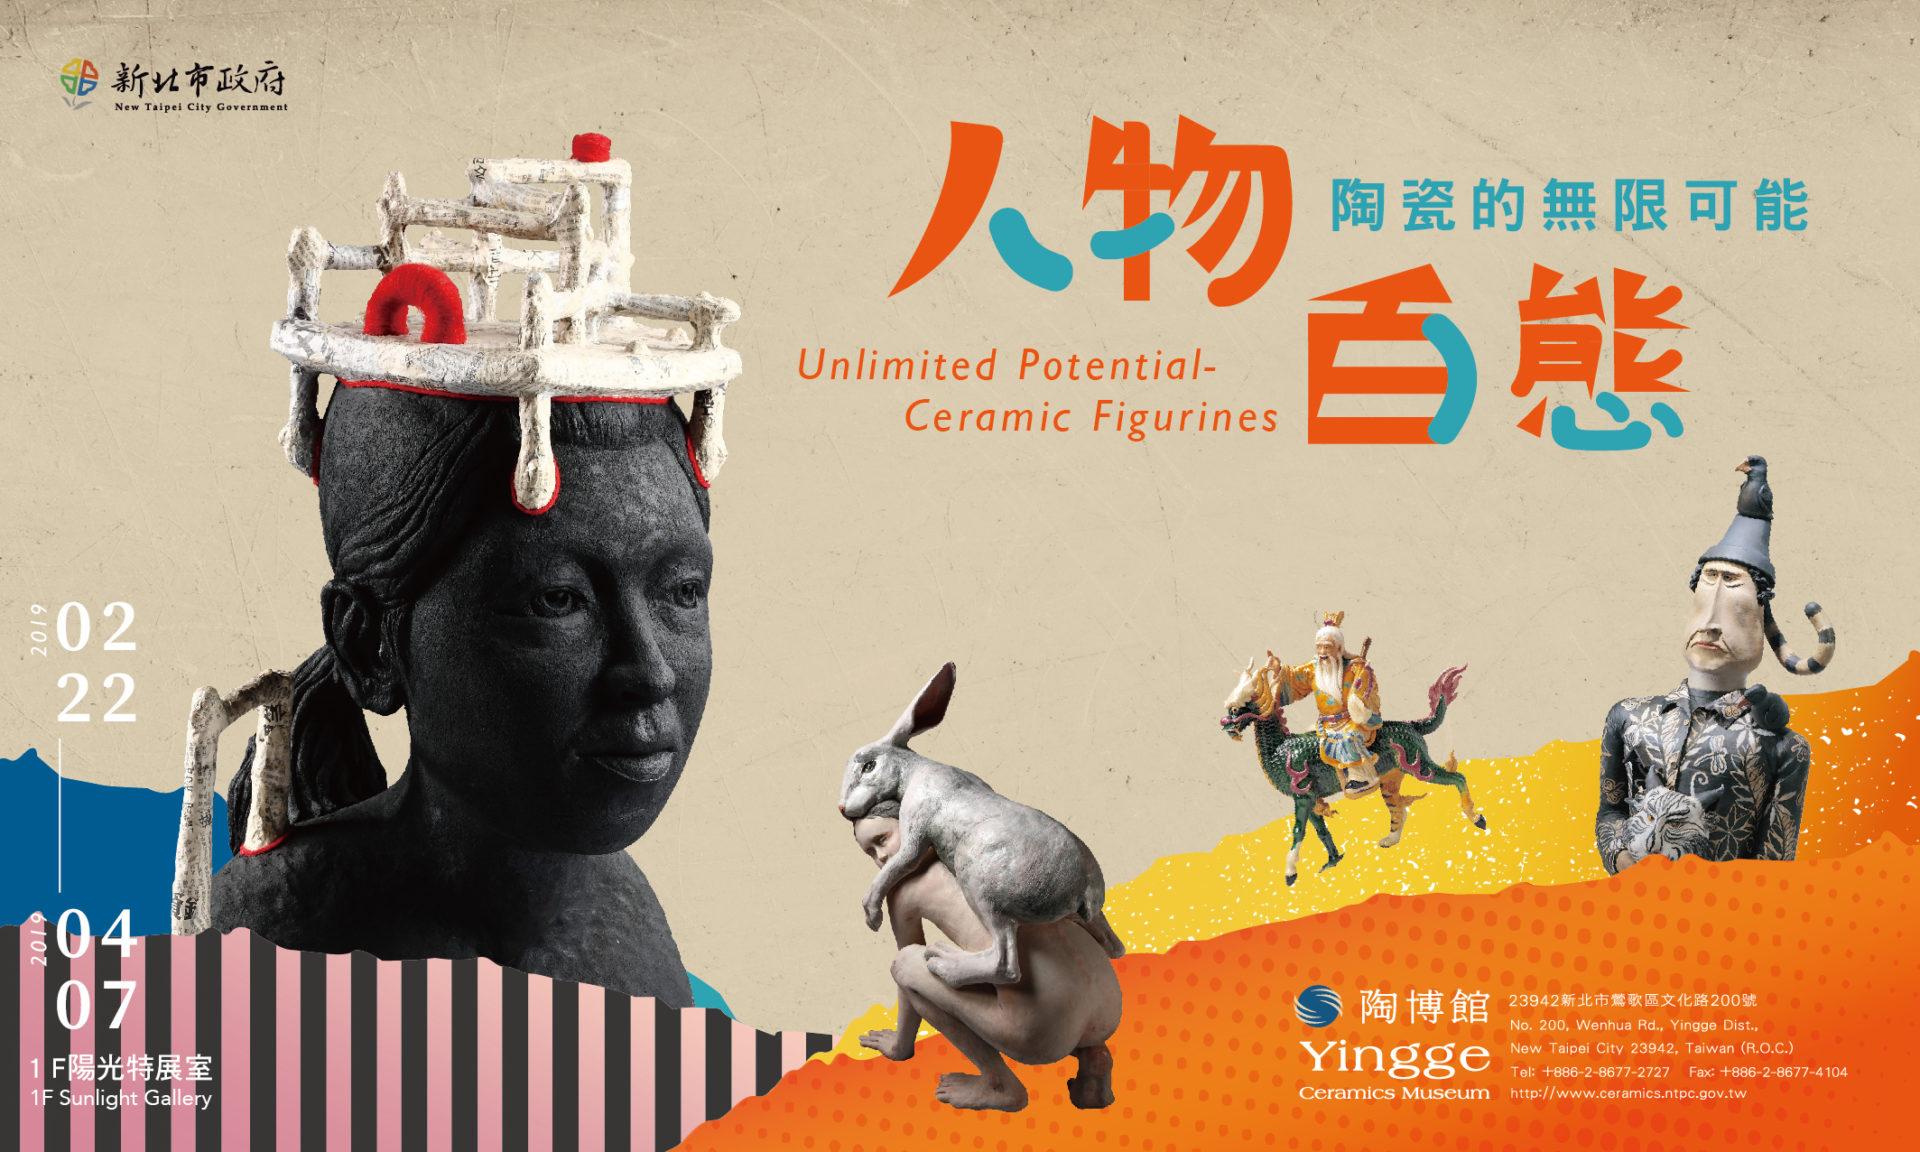 新北市立鶯歌陶瓷博物館:2019/02/22-2019/04/07 【人物百態:陶瓷的無限可能】